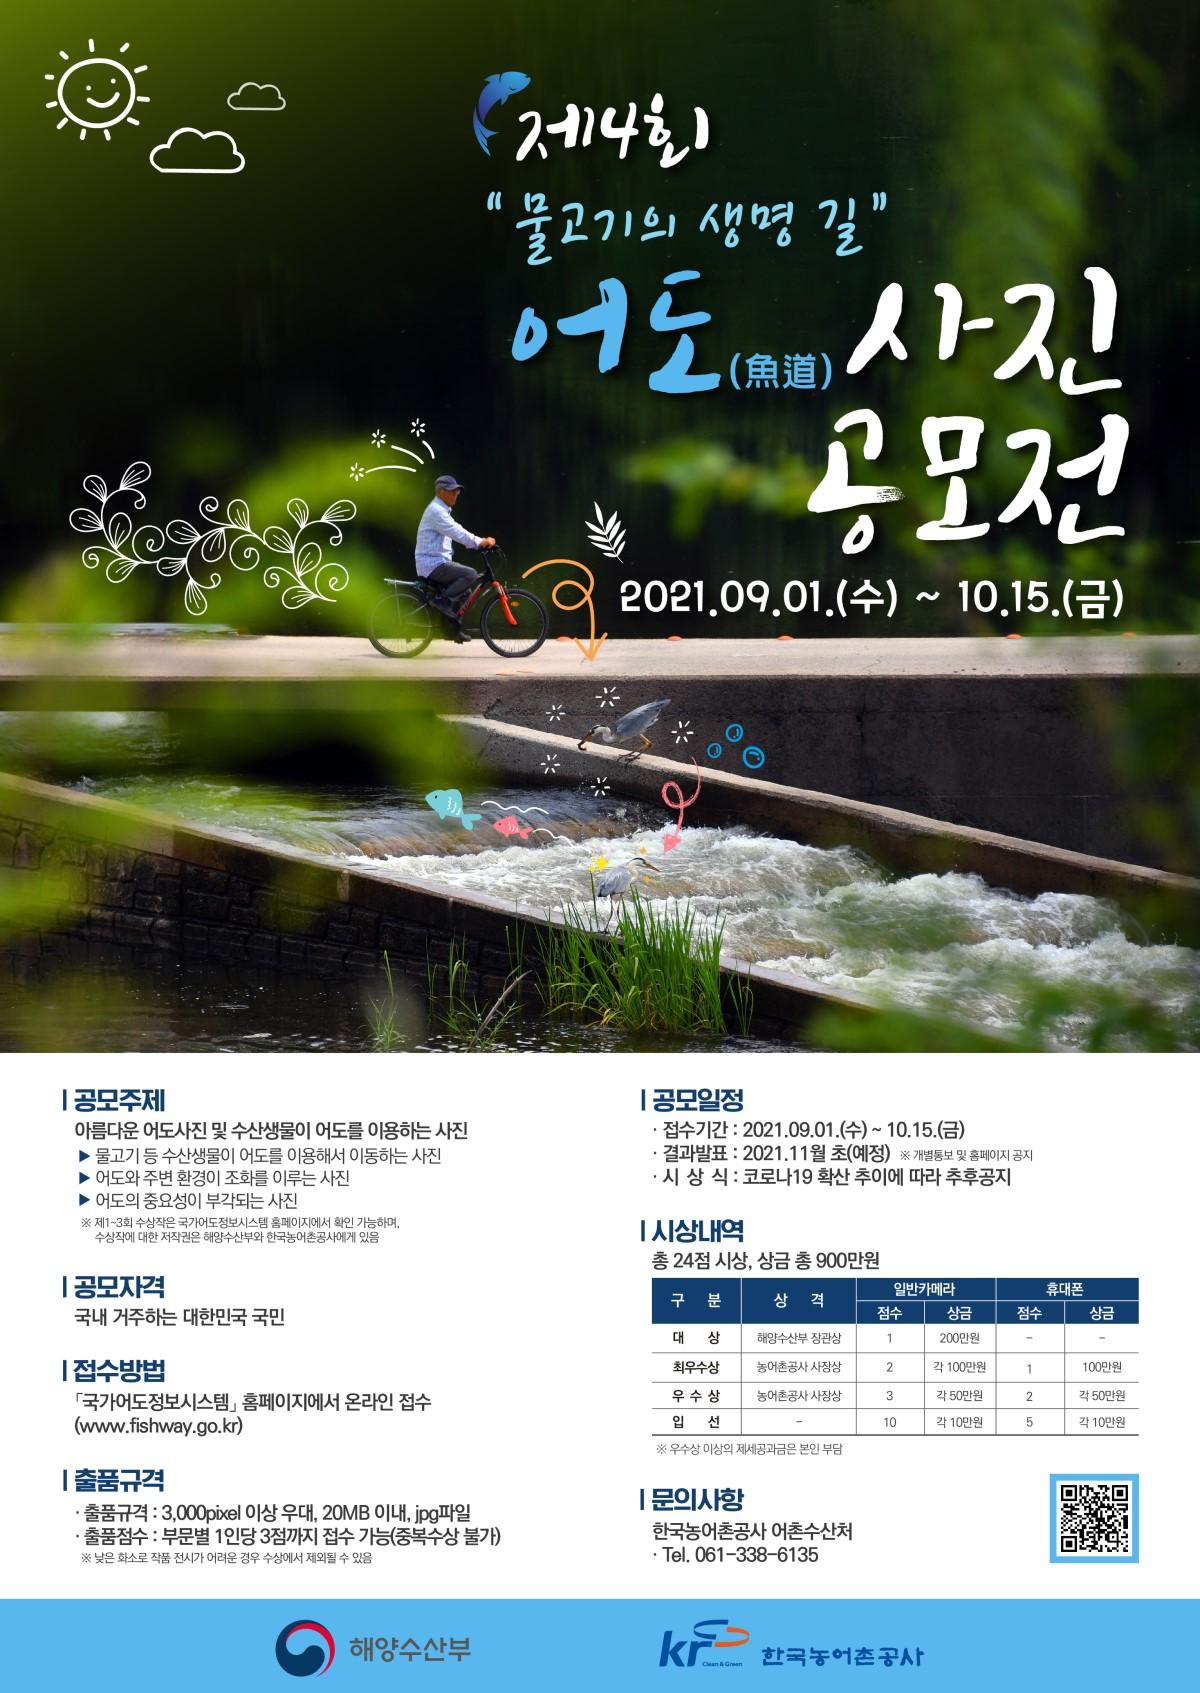 2021 어도사진 공모전(~10/15)